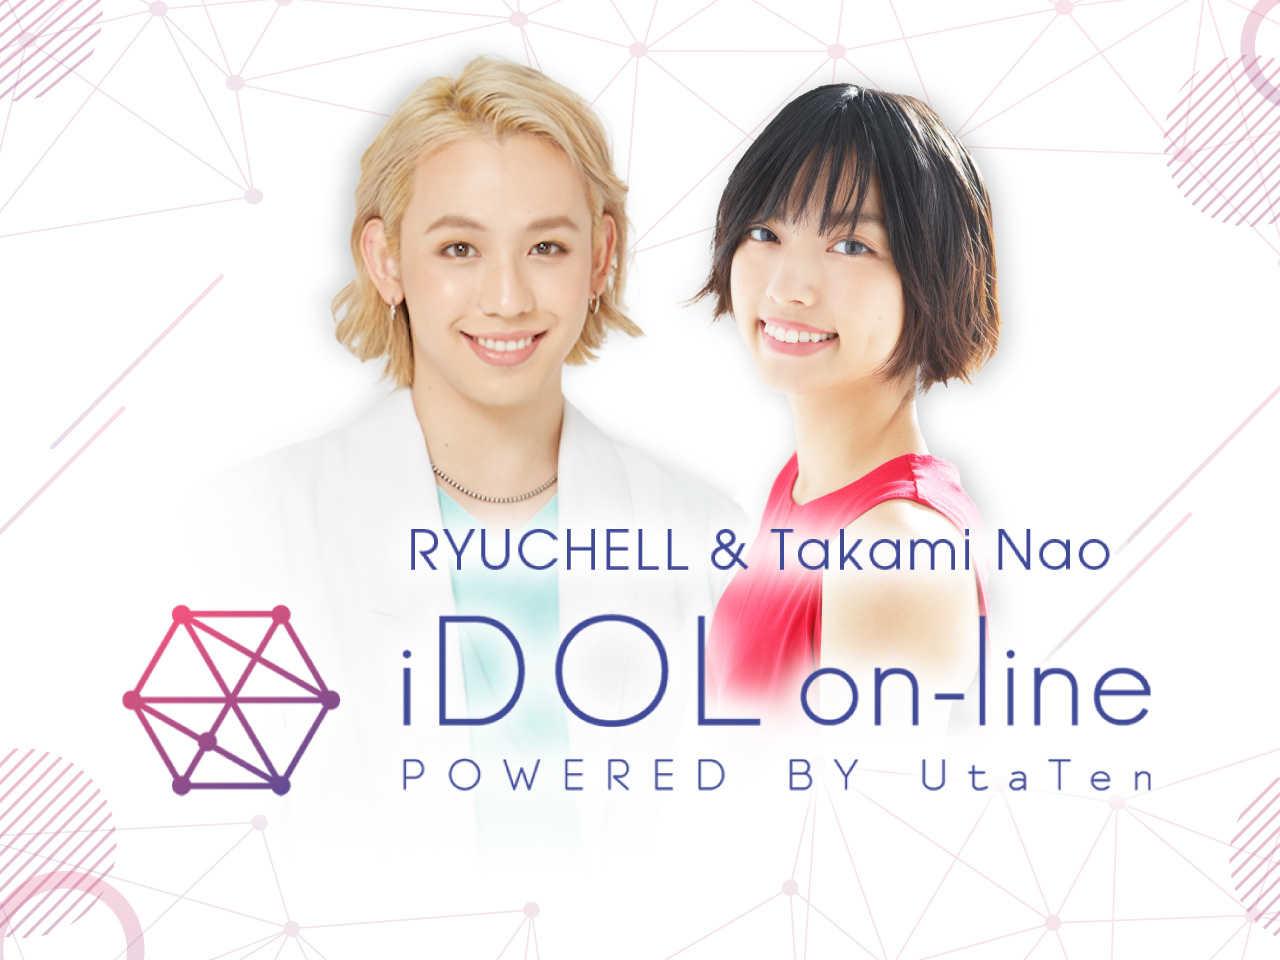 『りゅうちぇると高見奈央のiDOL on-line !』第12回のゲストはTask have Fun&Jewel☆Ciel!